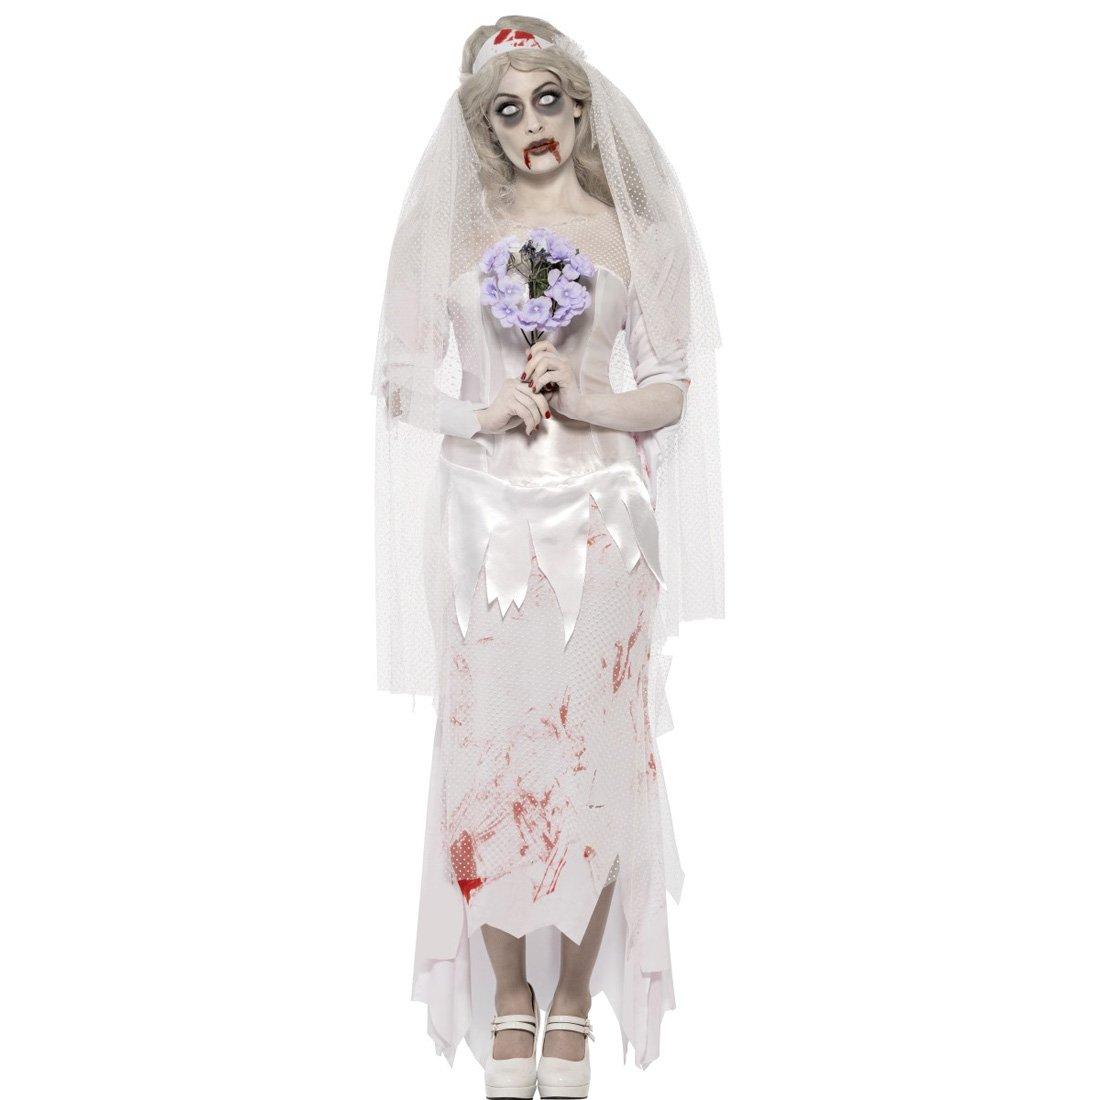 Amakando Geisterbraut Zombiekostüm Zombiebraut Kostüm S 36/38 Halloweenkostüm Braut Horrorbraut Karnevalskostüm Frauenkostüm Halloween Horror Damenkostüm Gothicbraut